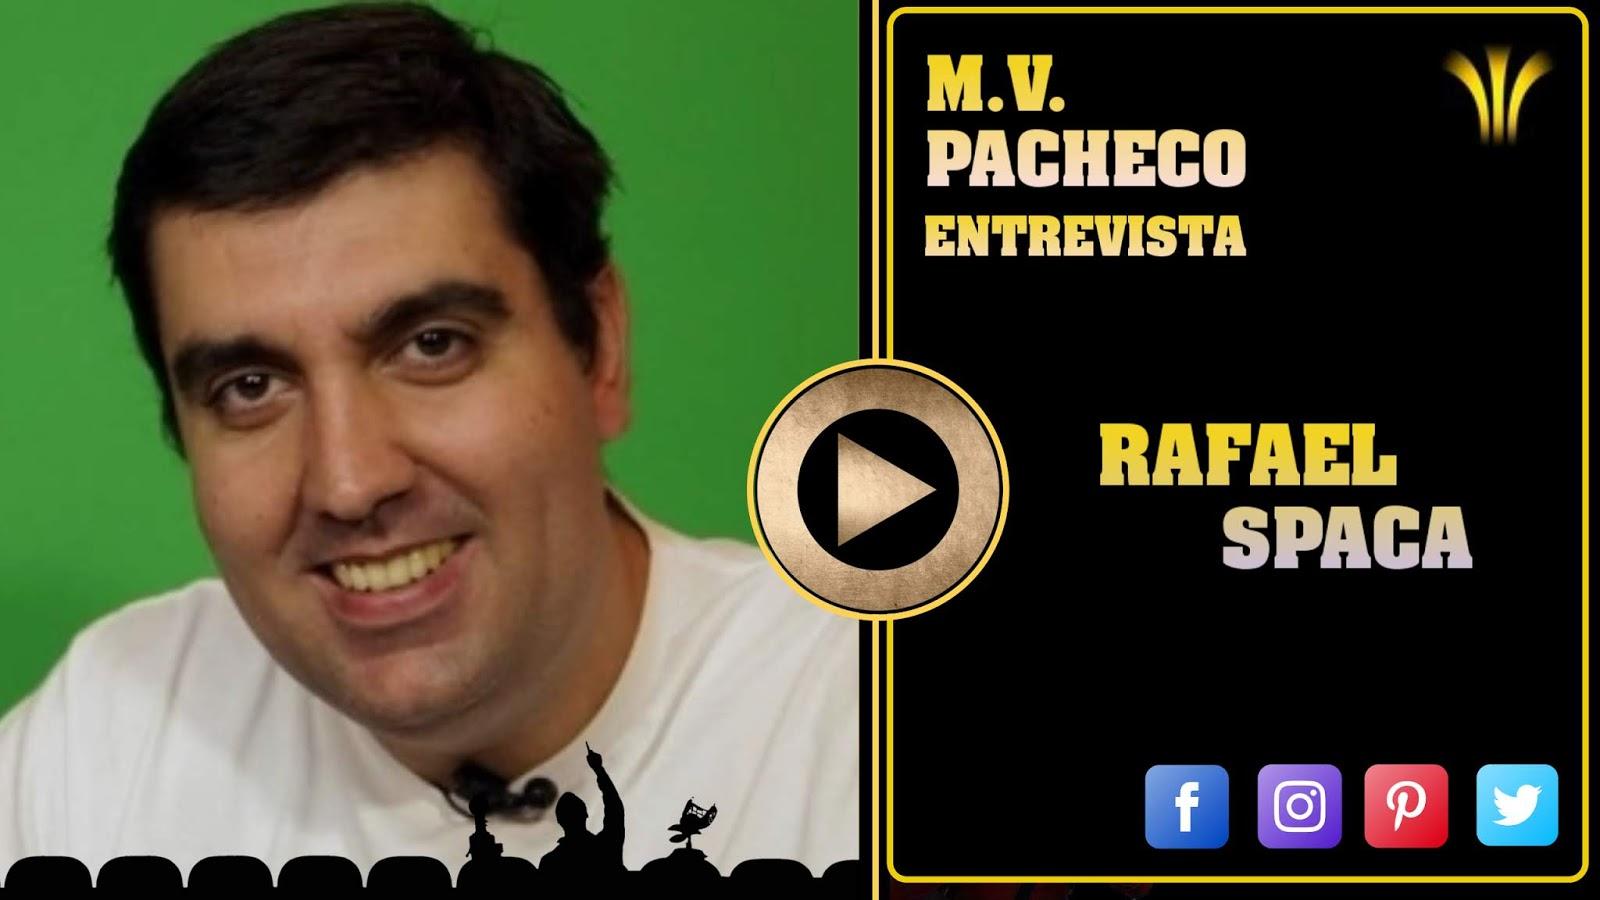 rafael-spaca-entrevista